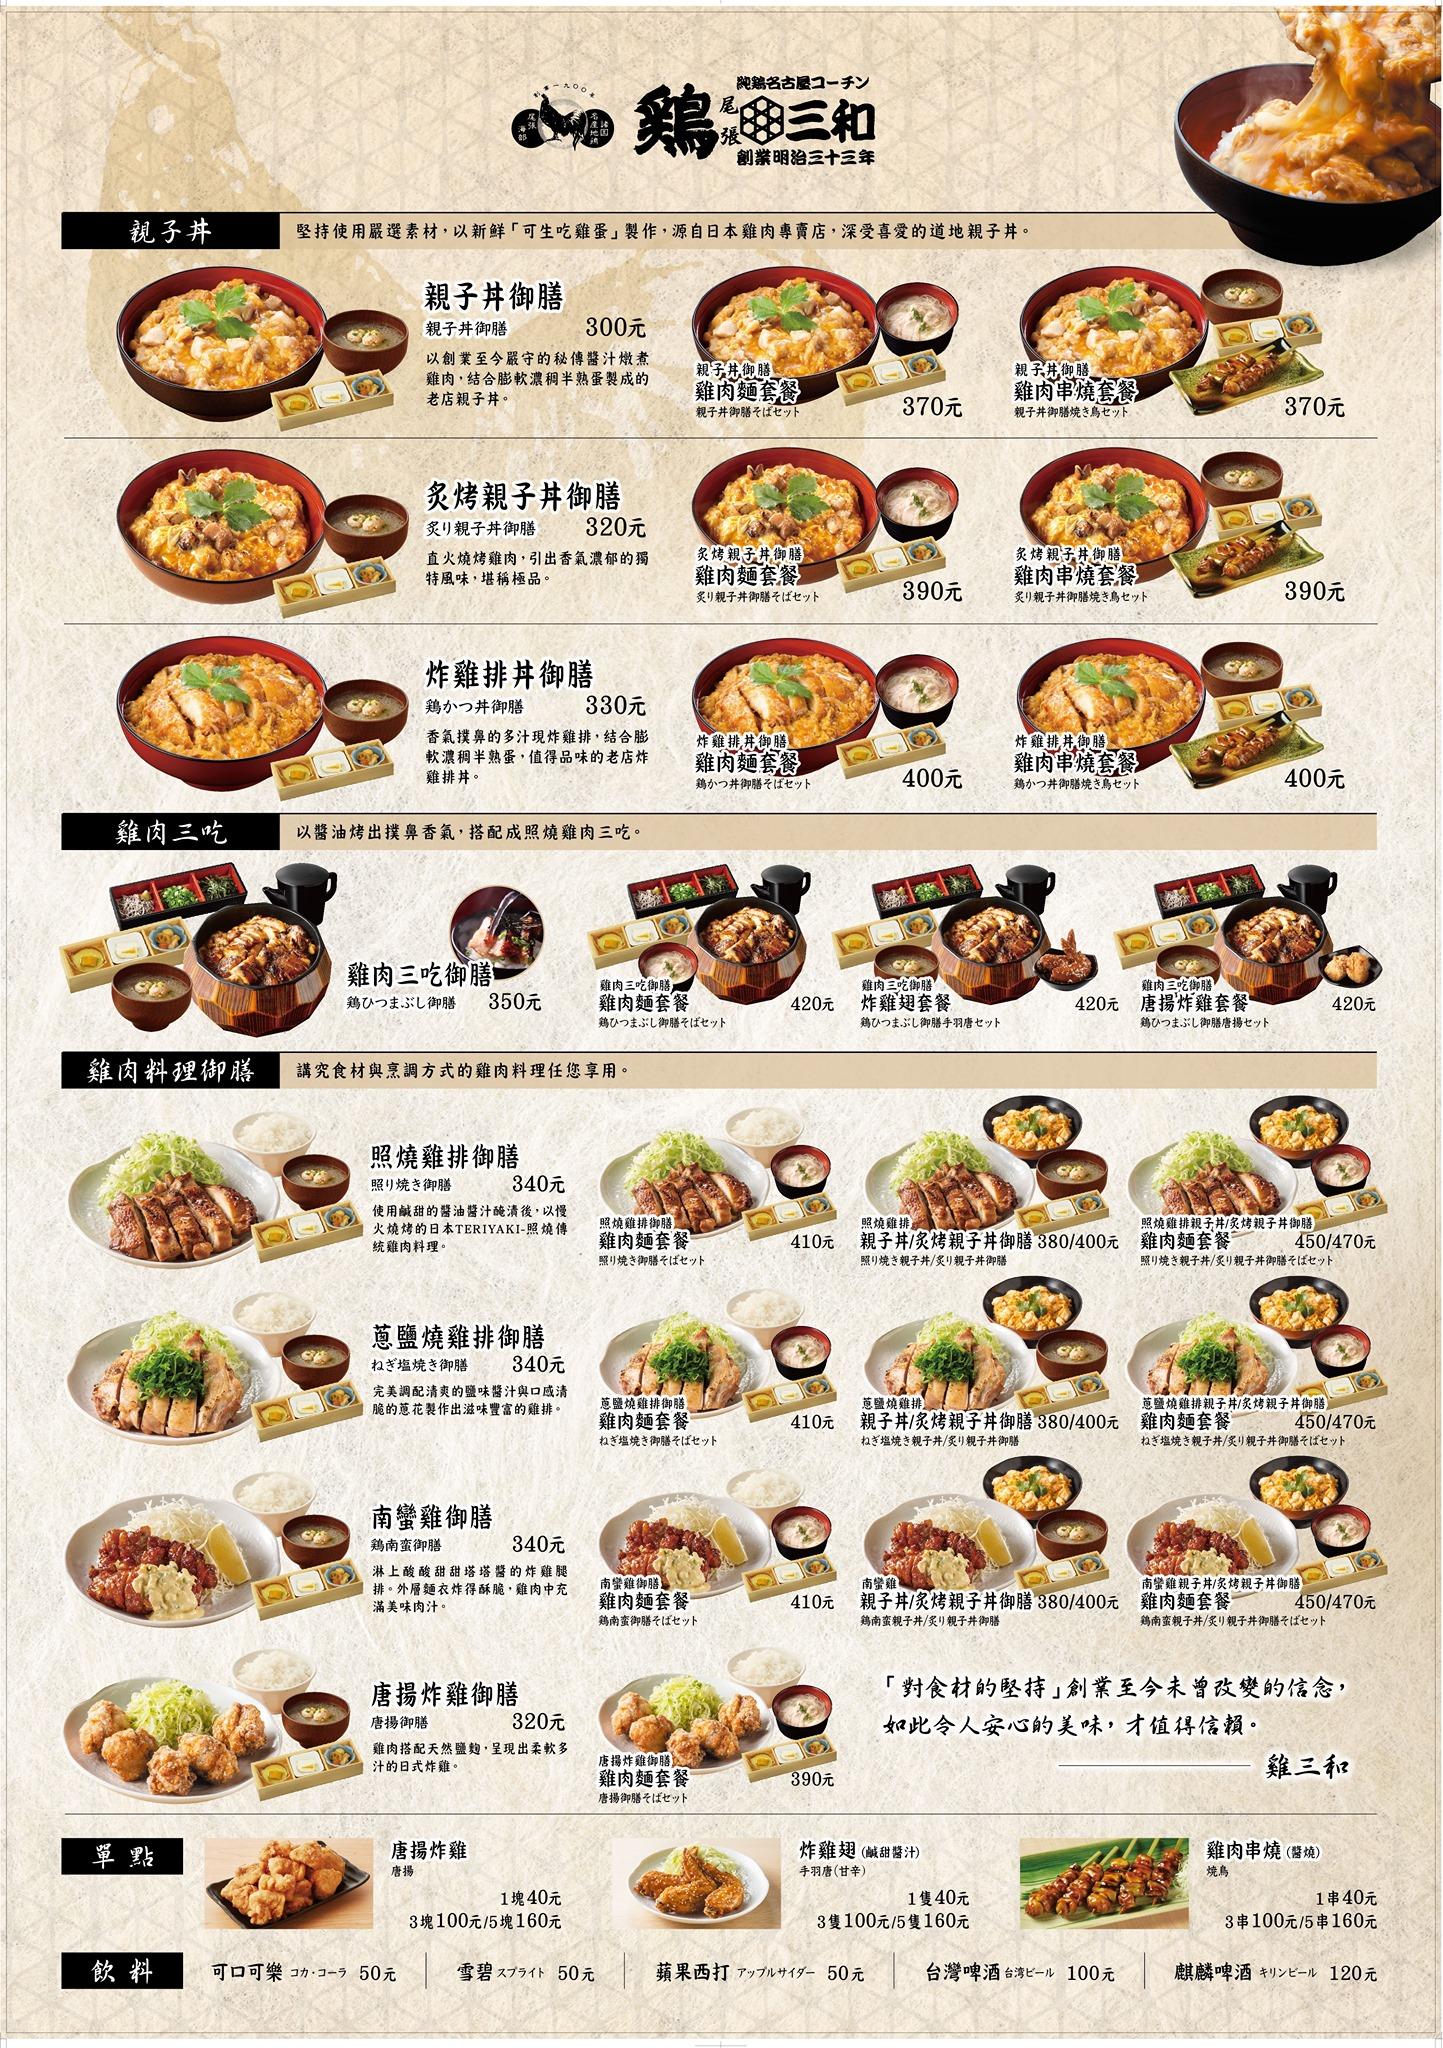 雞三和微風南山店菜單MENU